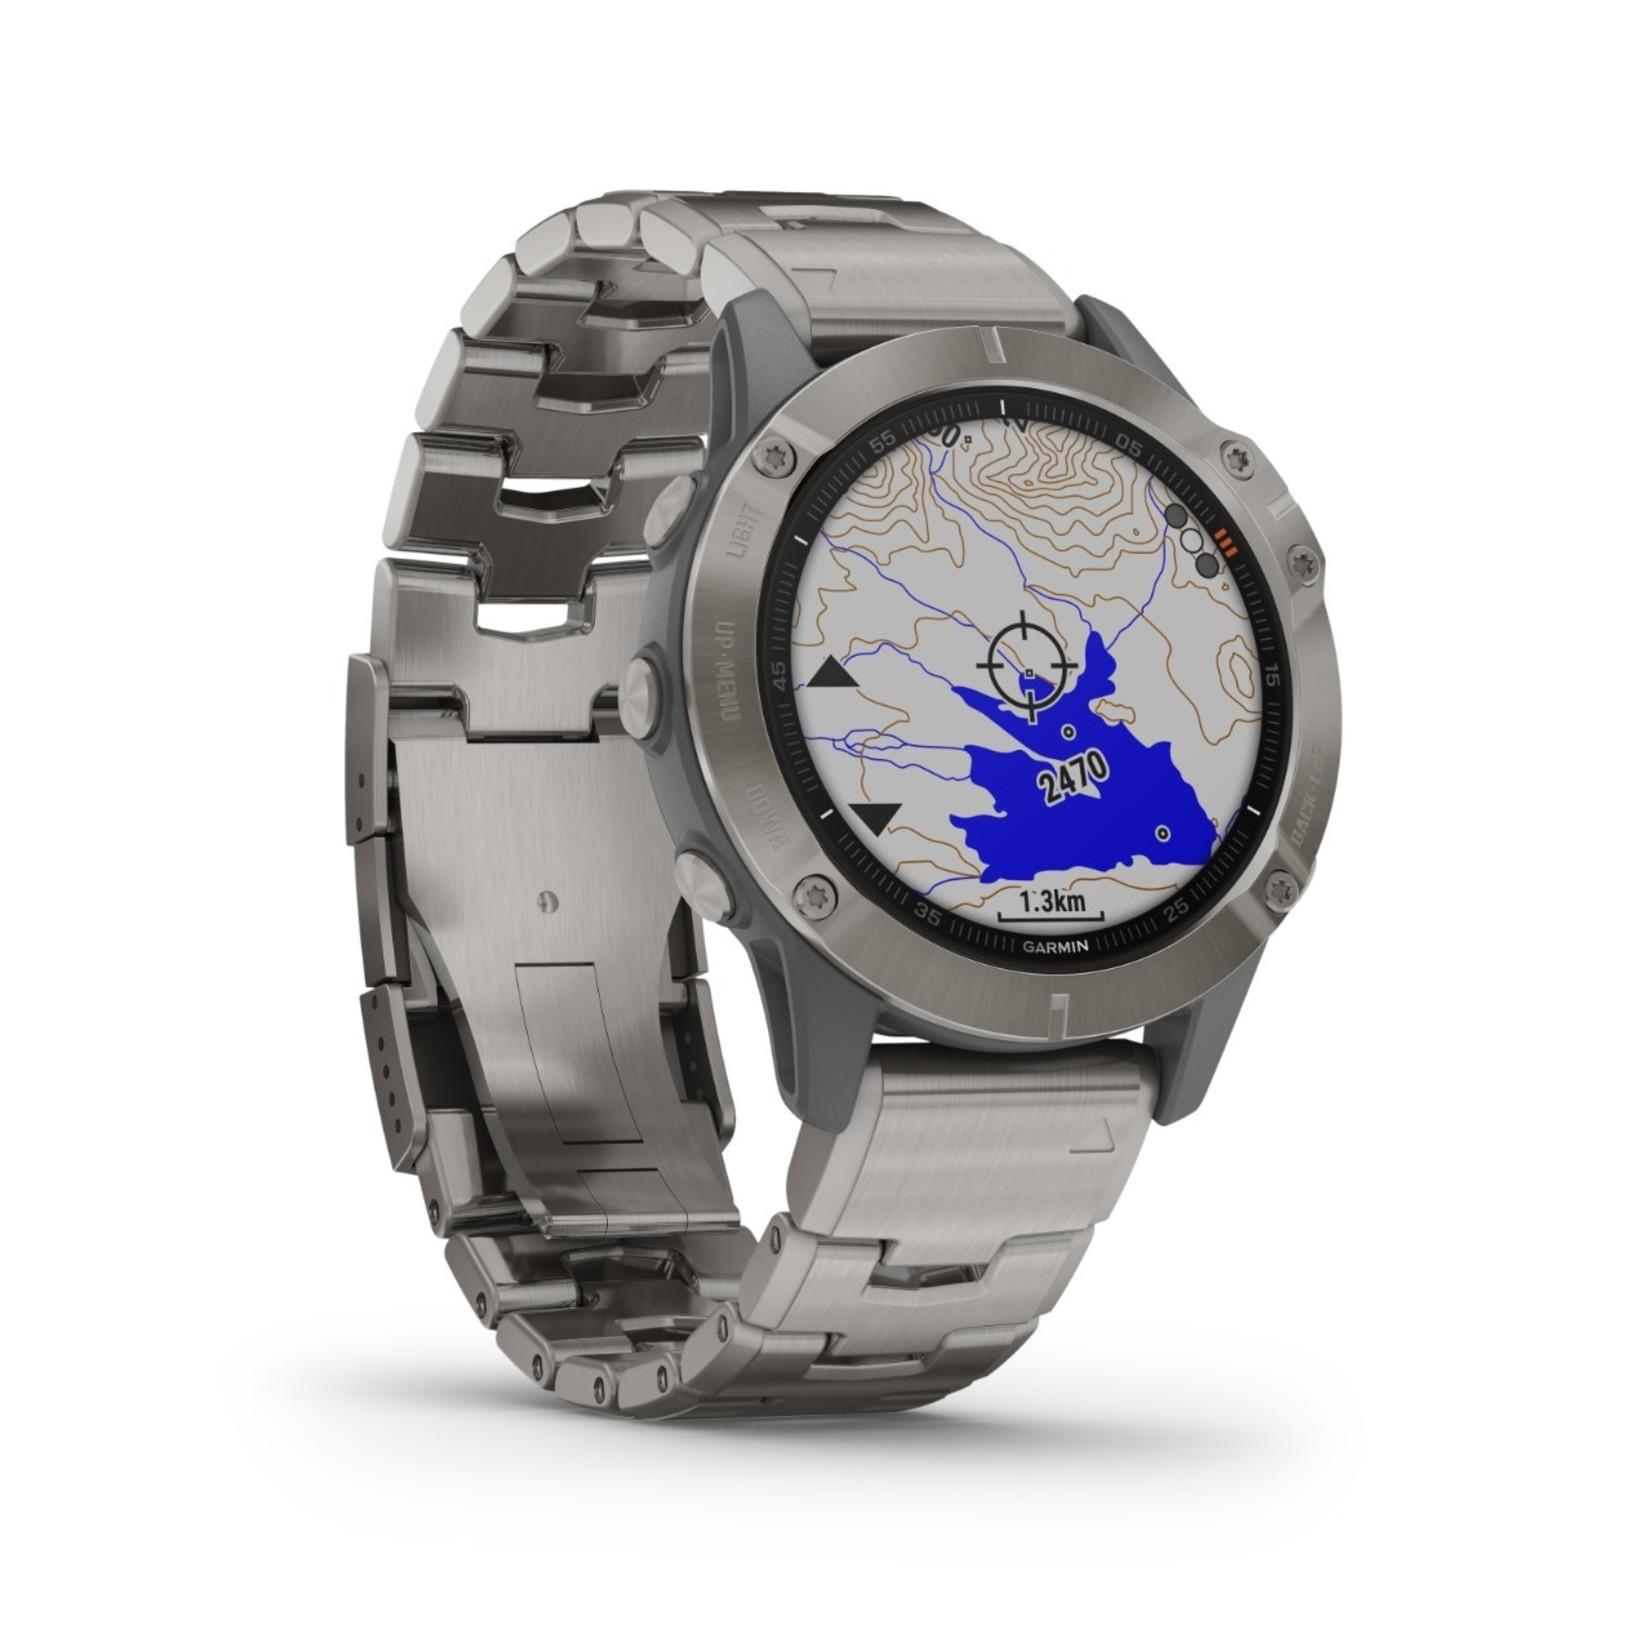 Garmin fēnix 6 Sapphire - Titanium with Vented Titanium Bracelet